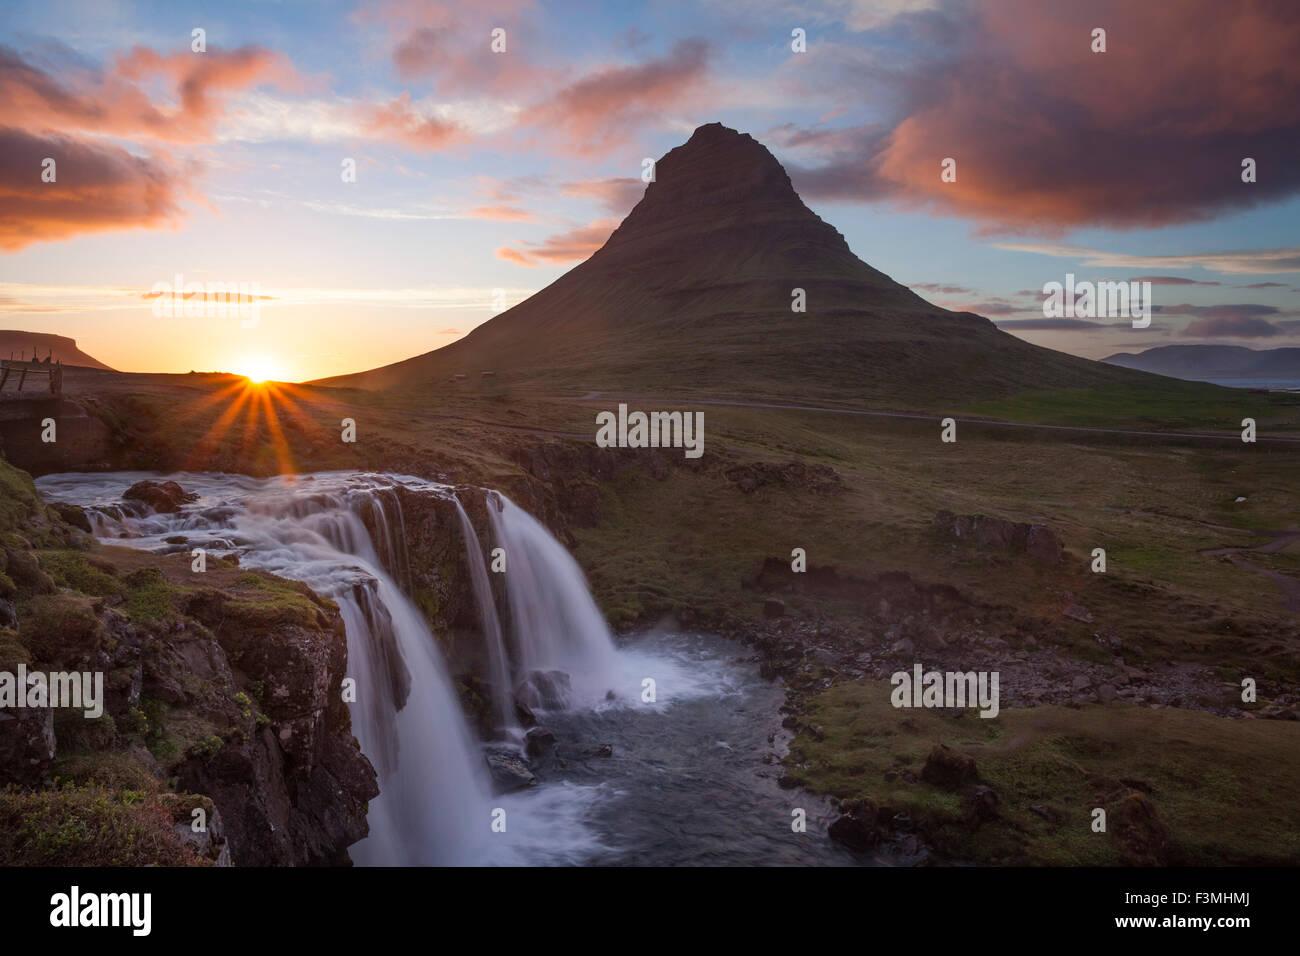 Coucher de soleil sur la montagne Kirkjufell et cascade, Grundarfjordur, Péninsule de Snæfellsnes, Vesturland, Photo Stock